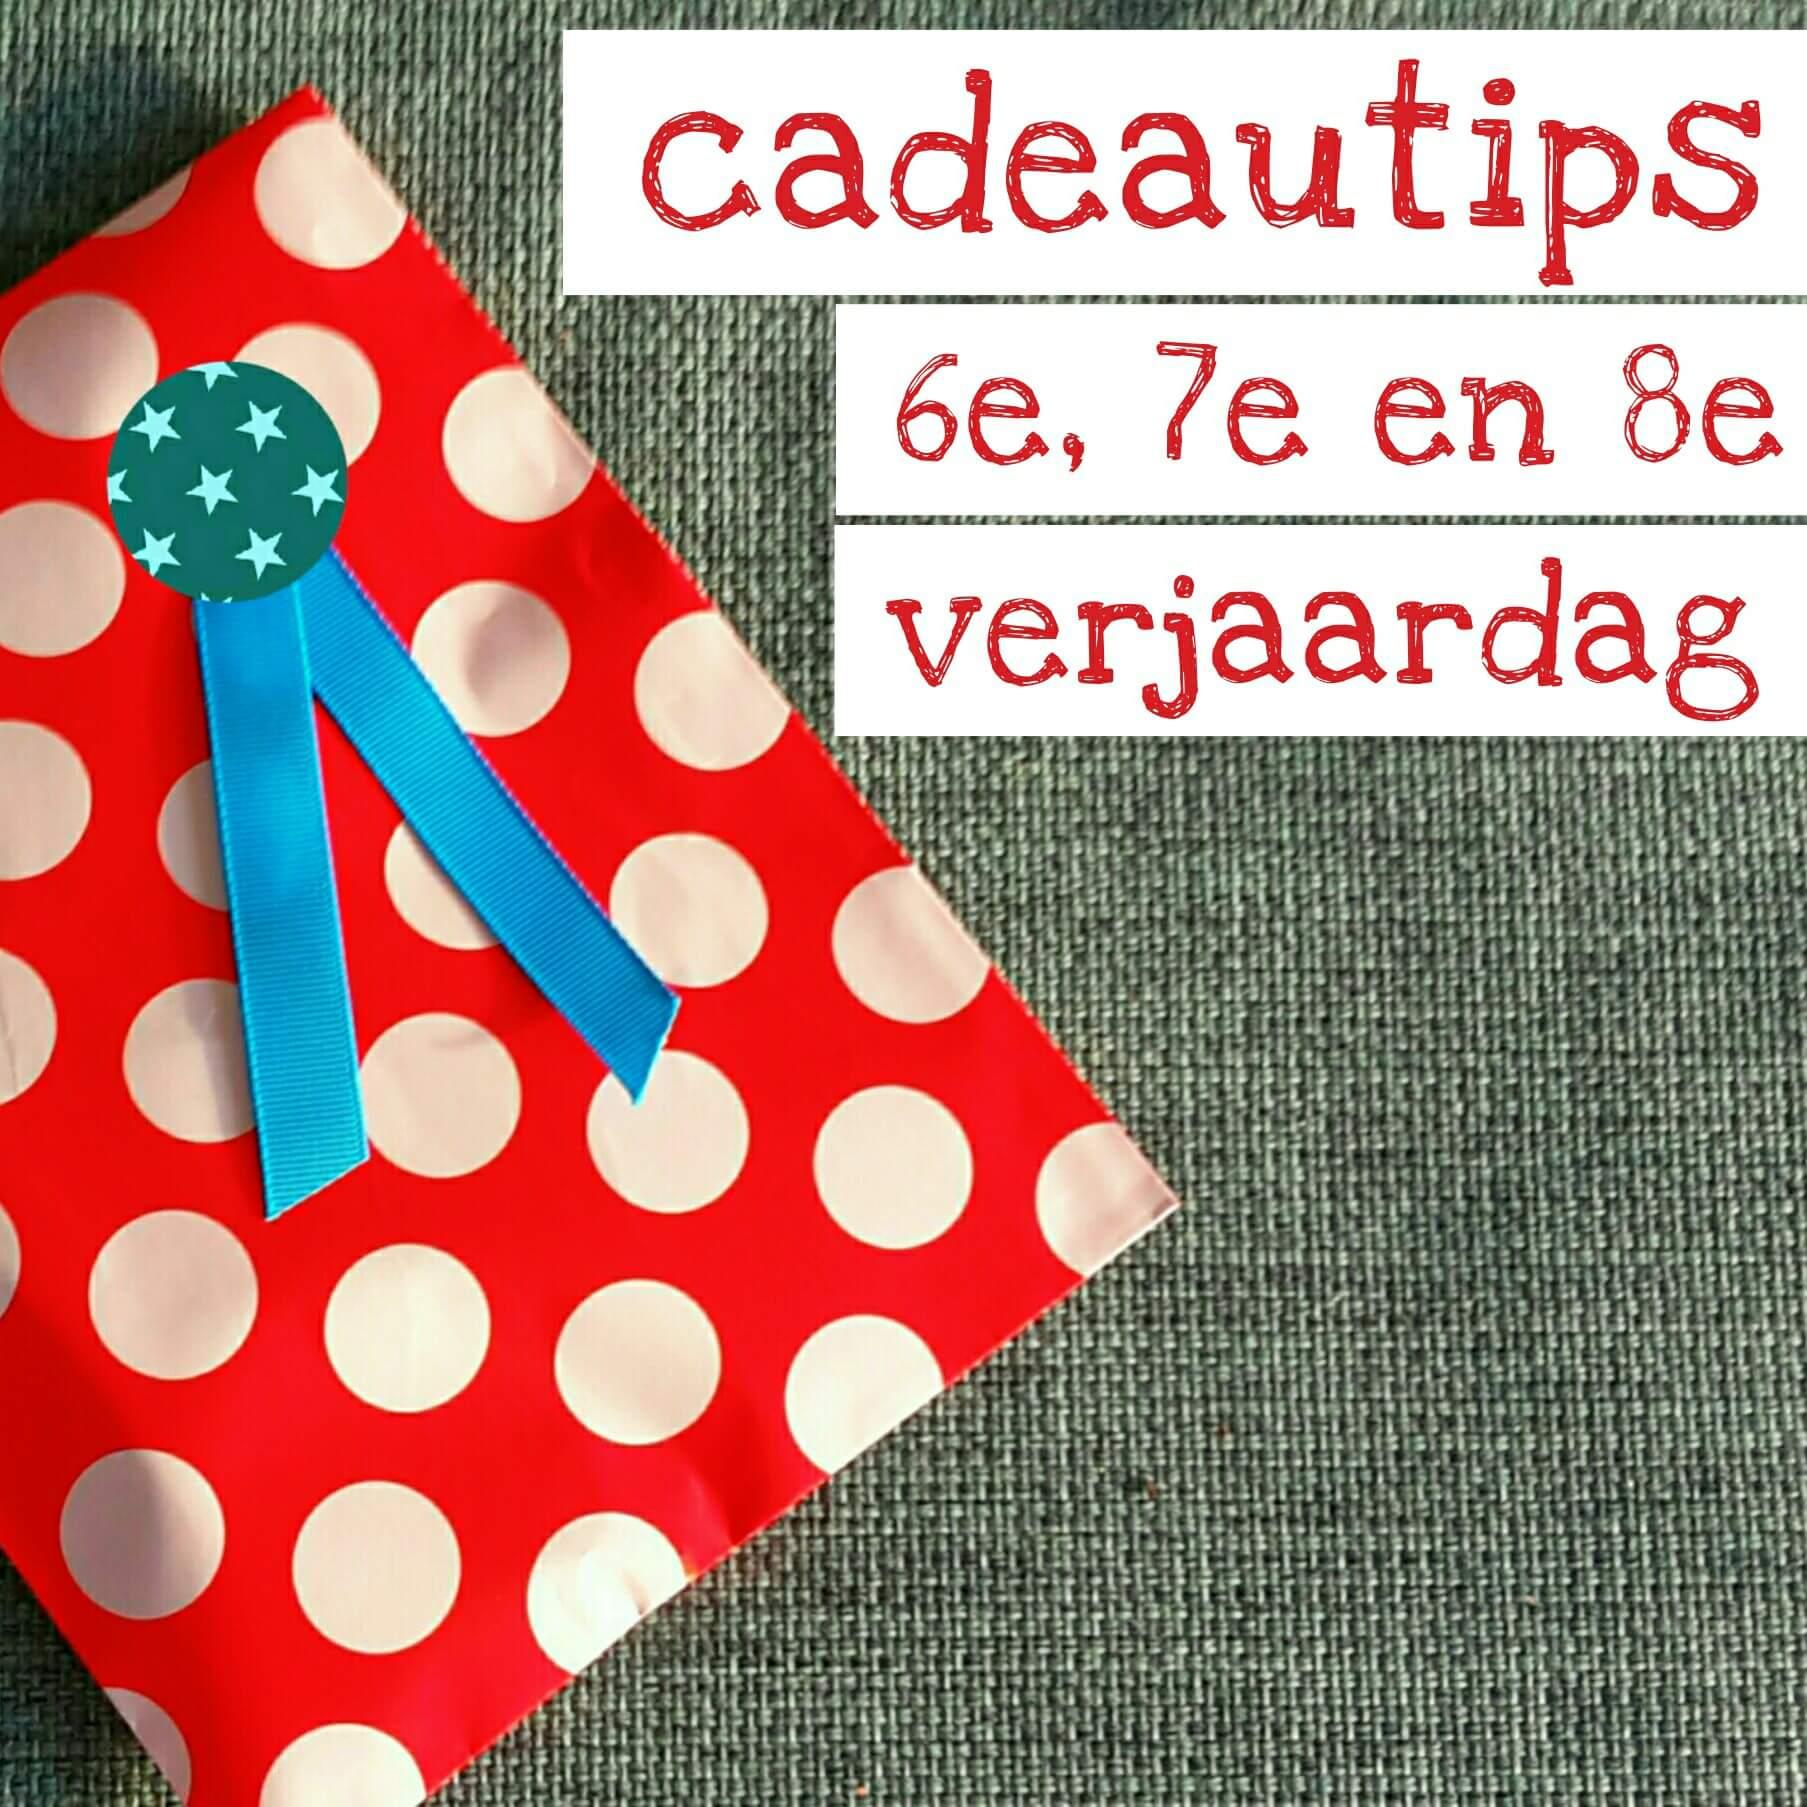 Verjaardagscadeau voor kids van 6 7 of 8 jaar leuke for Cadeautips voor kinderen